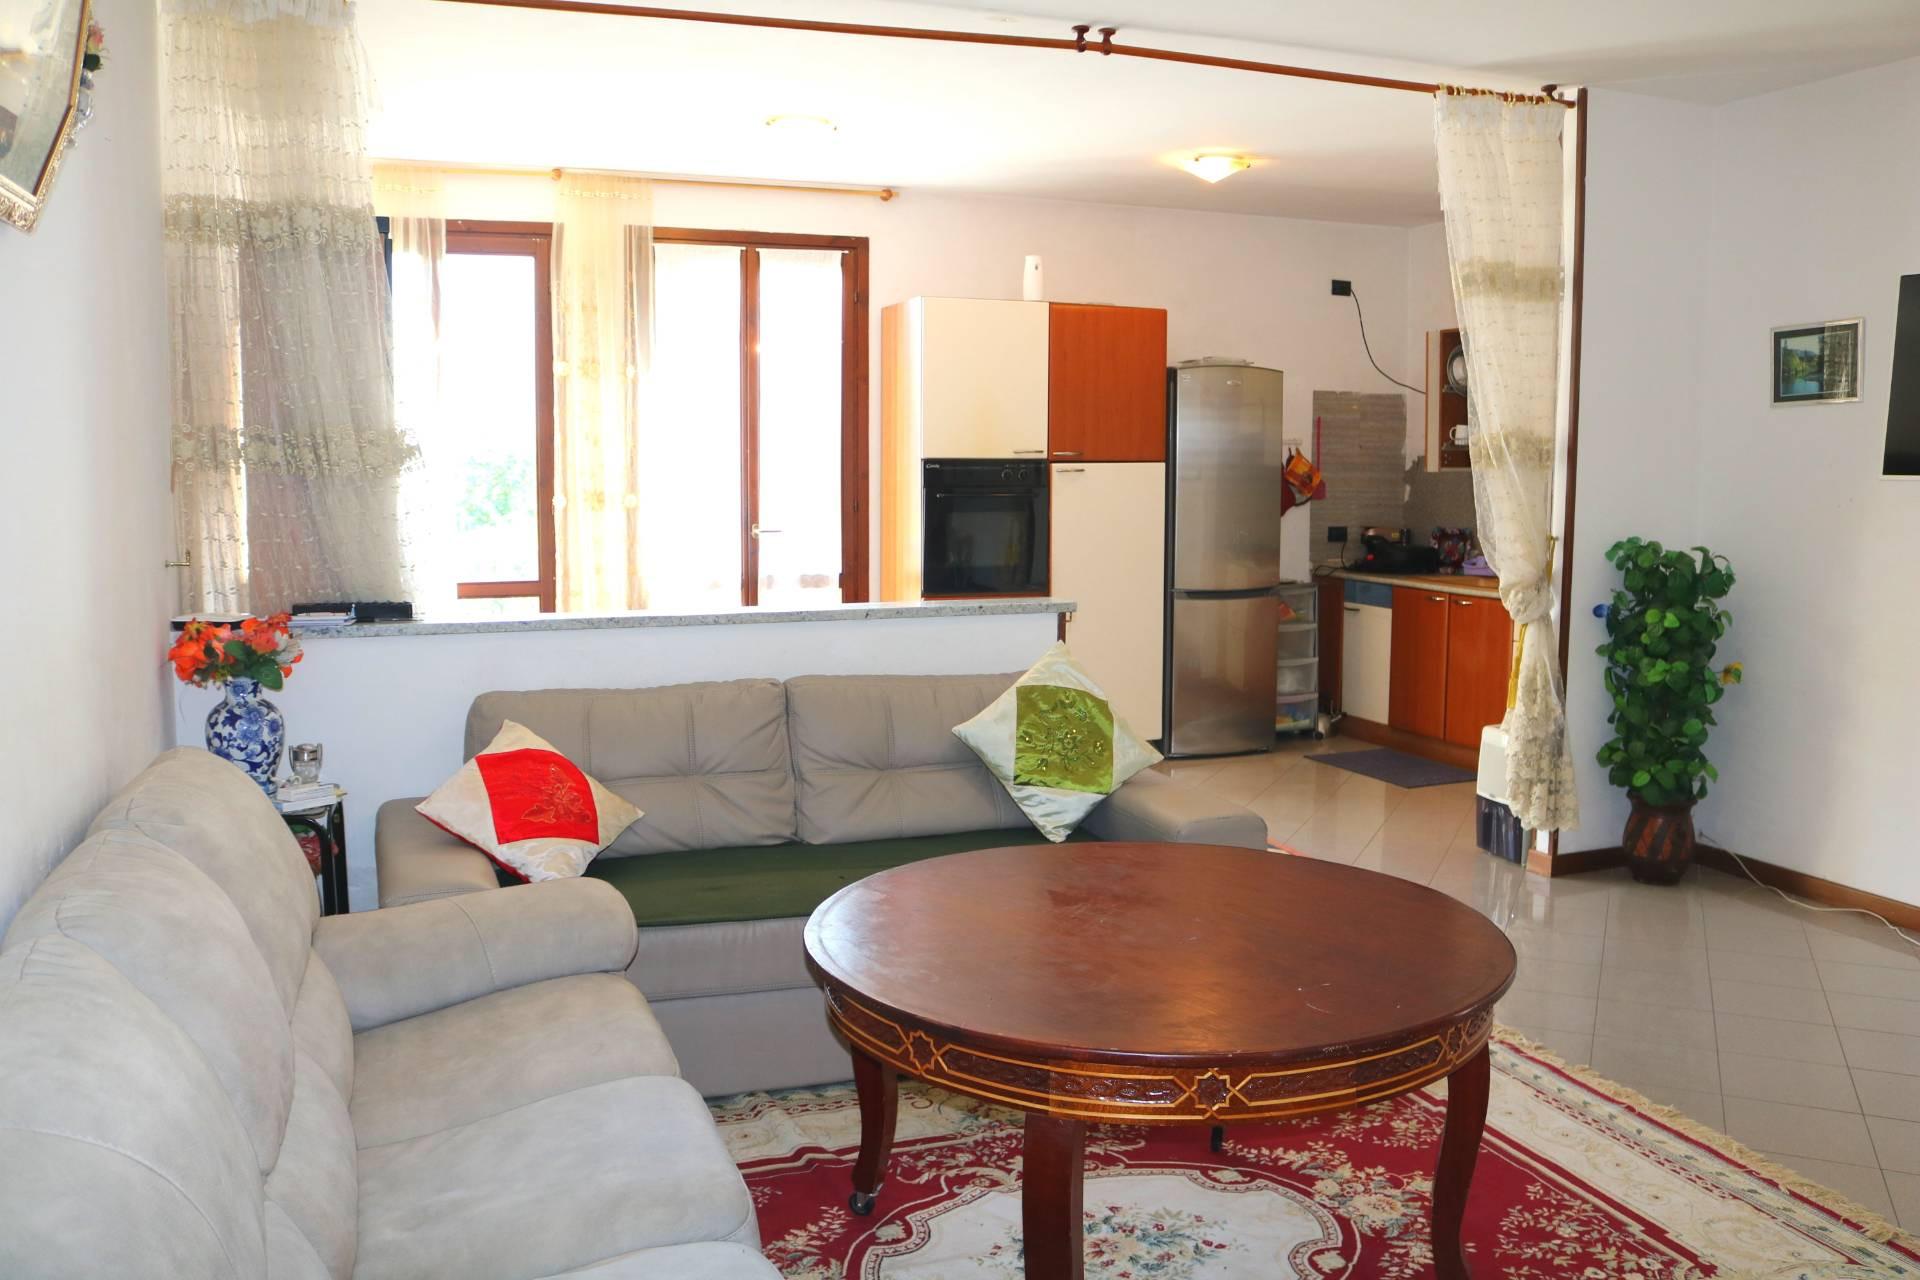 Appartamento in vendita a Cigole, 3 locali, prezzo € 67.000 | PortaleAgenzieImmobiliari.it